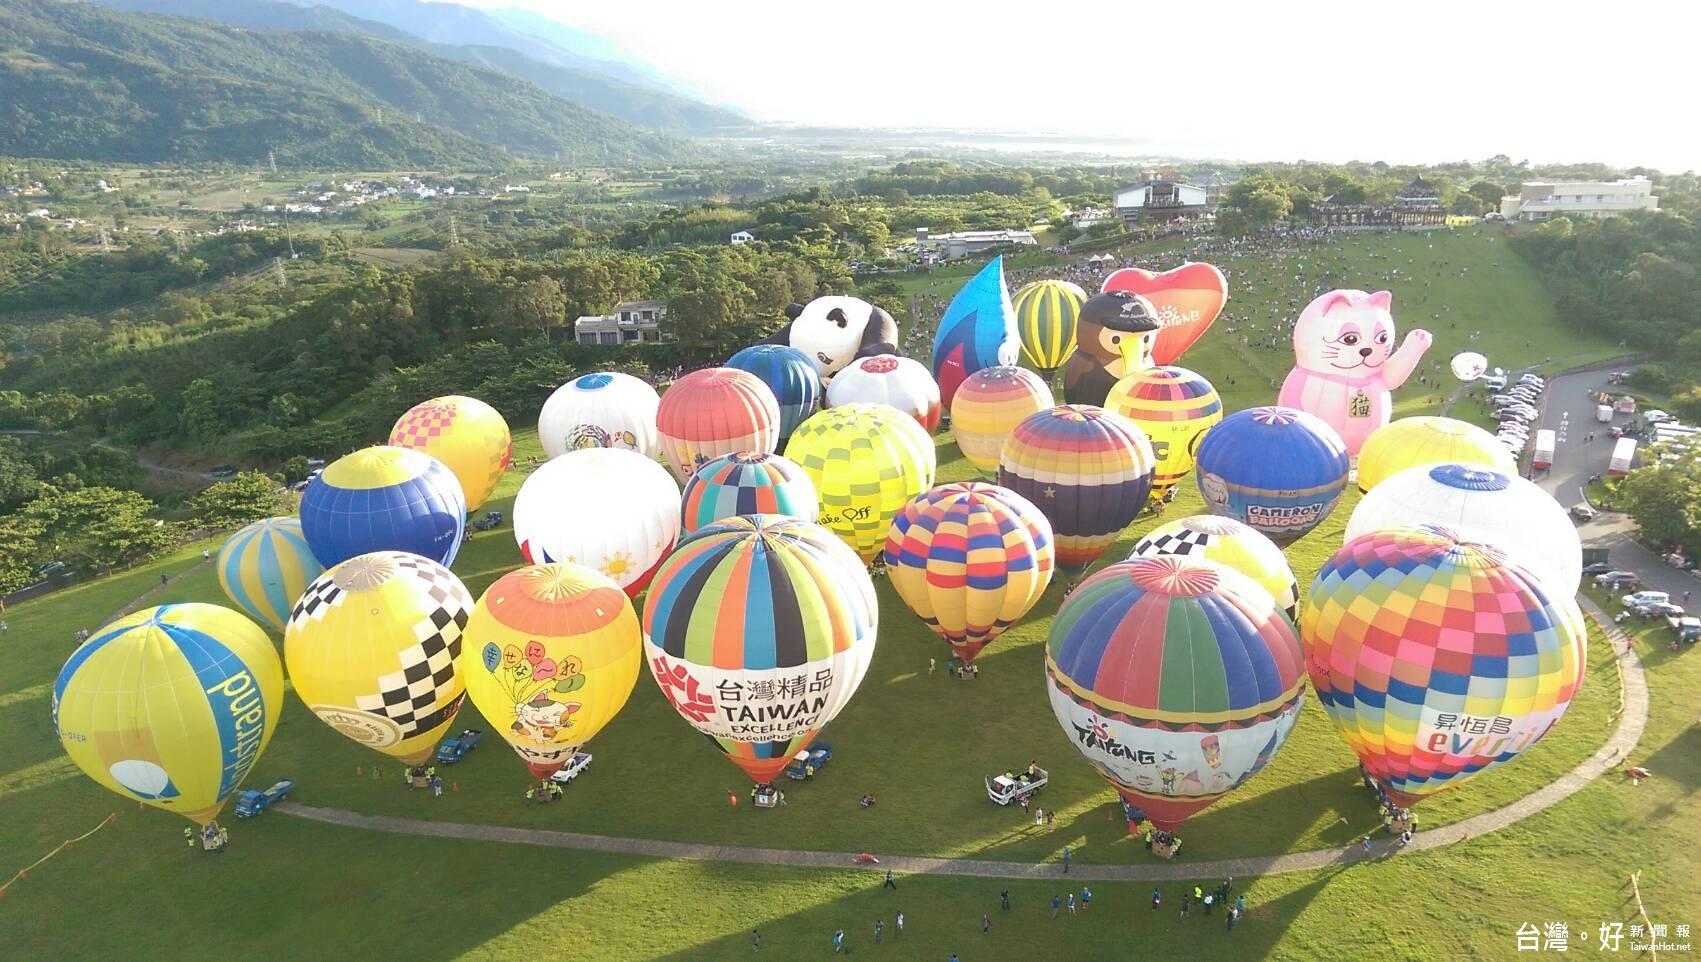 2017熱氣球嘉年華6/30展開 要帶來更多層次的驚喜